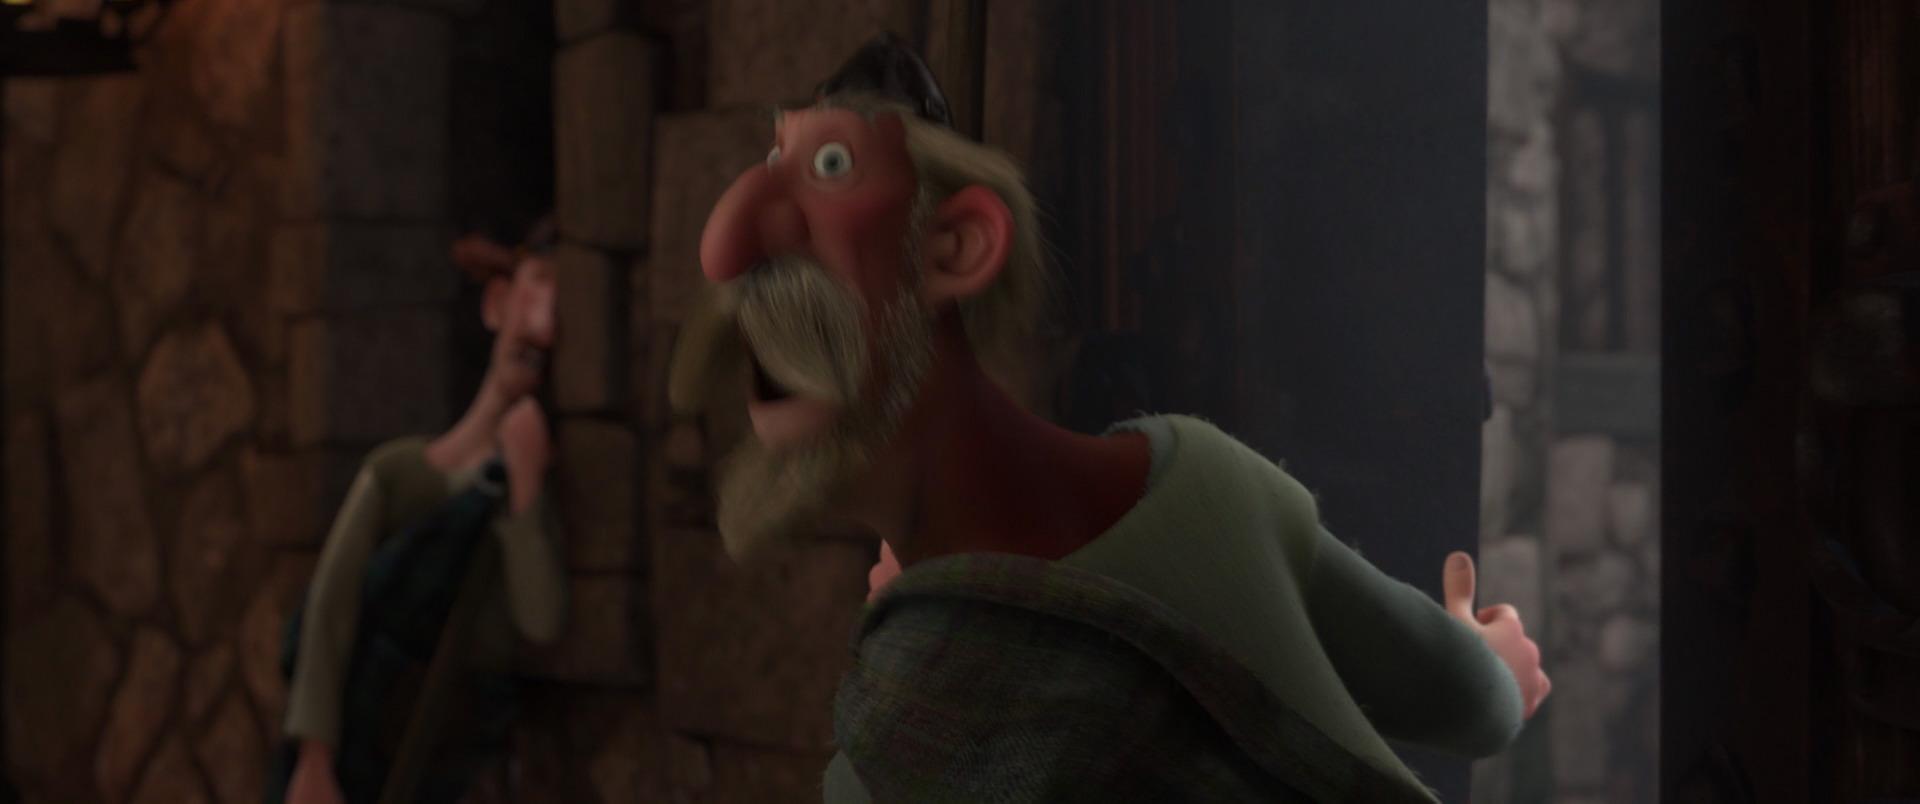 gordon pixar disney character rebelle brave